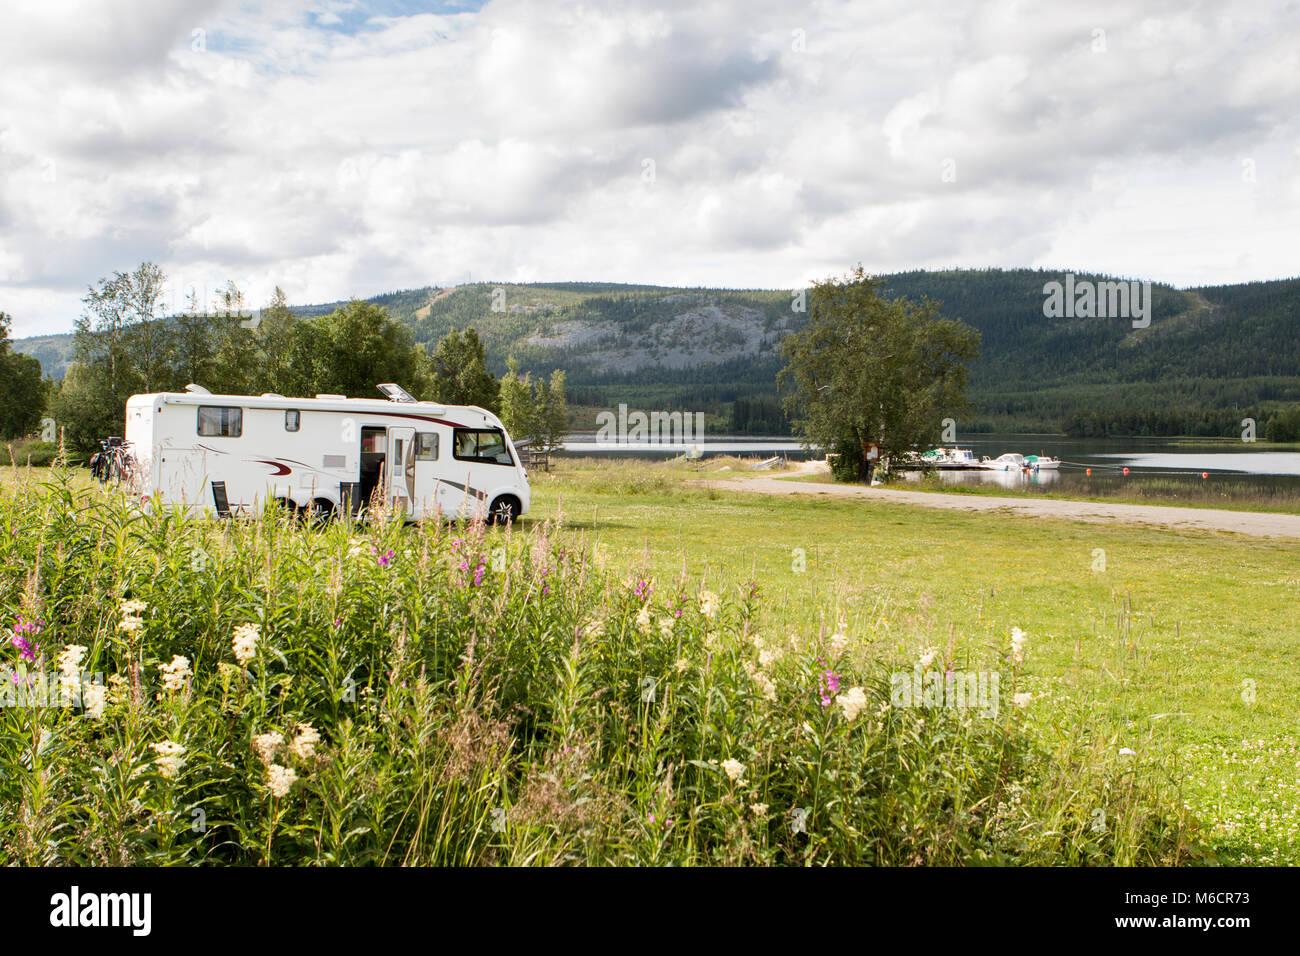 Gran casa rodante estacionada en el pasto verde cerca del lago, en Escandinavia. Imagen De Stock